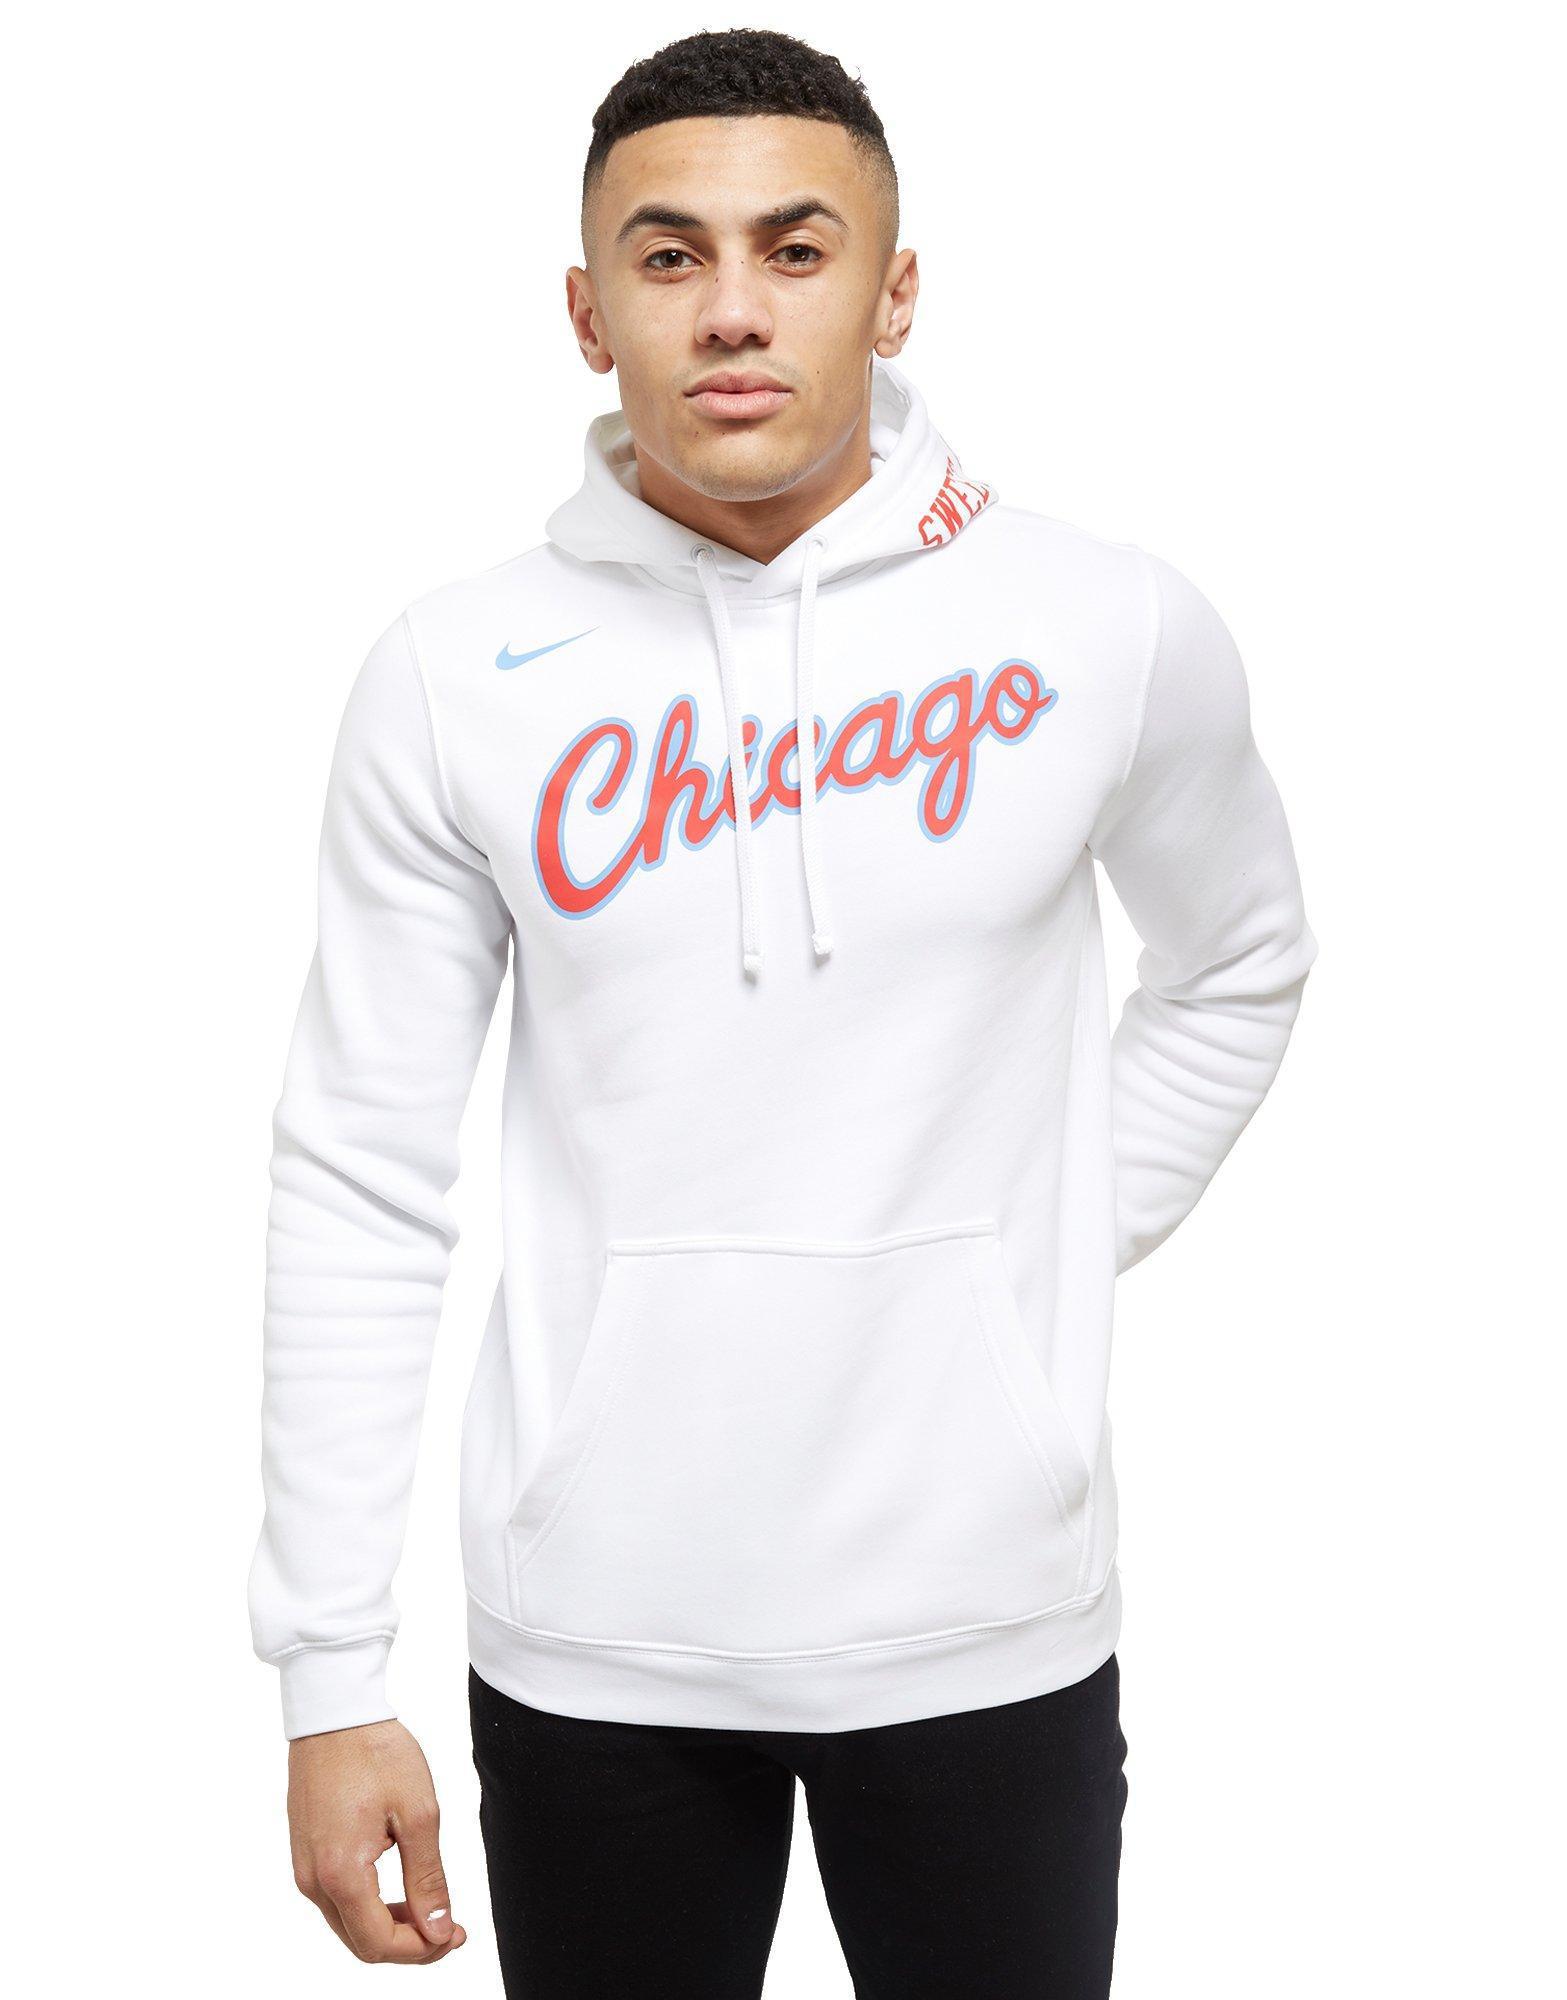 45b75d841d75 Lyst - Nike Nba Chicago Bulls City Hoodie in White for Men